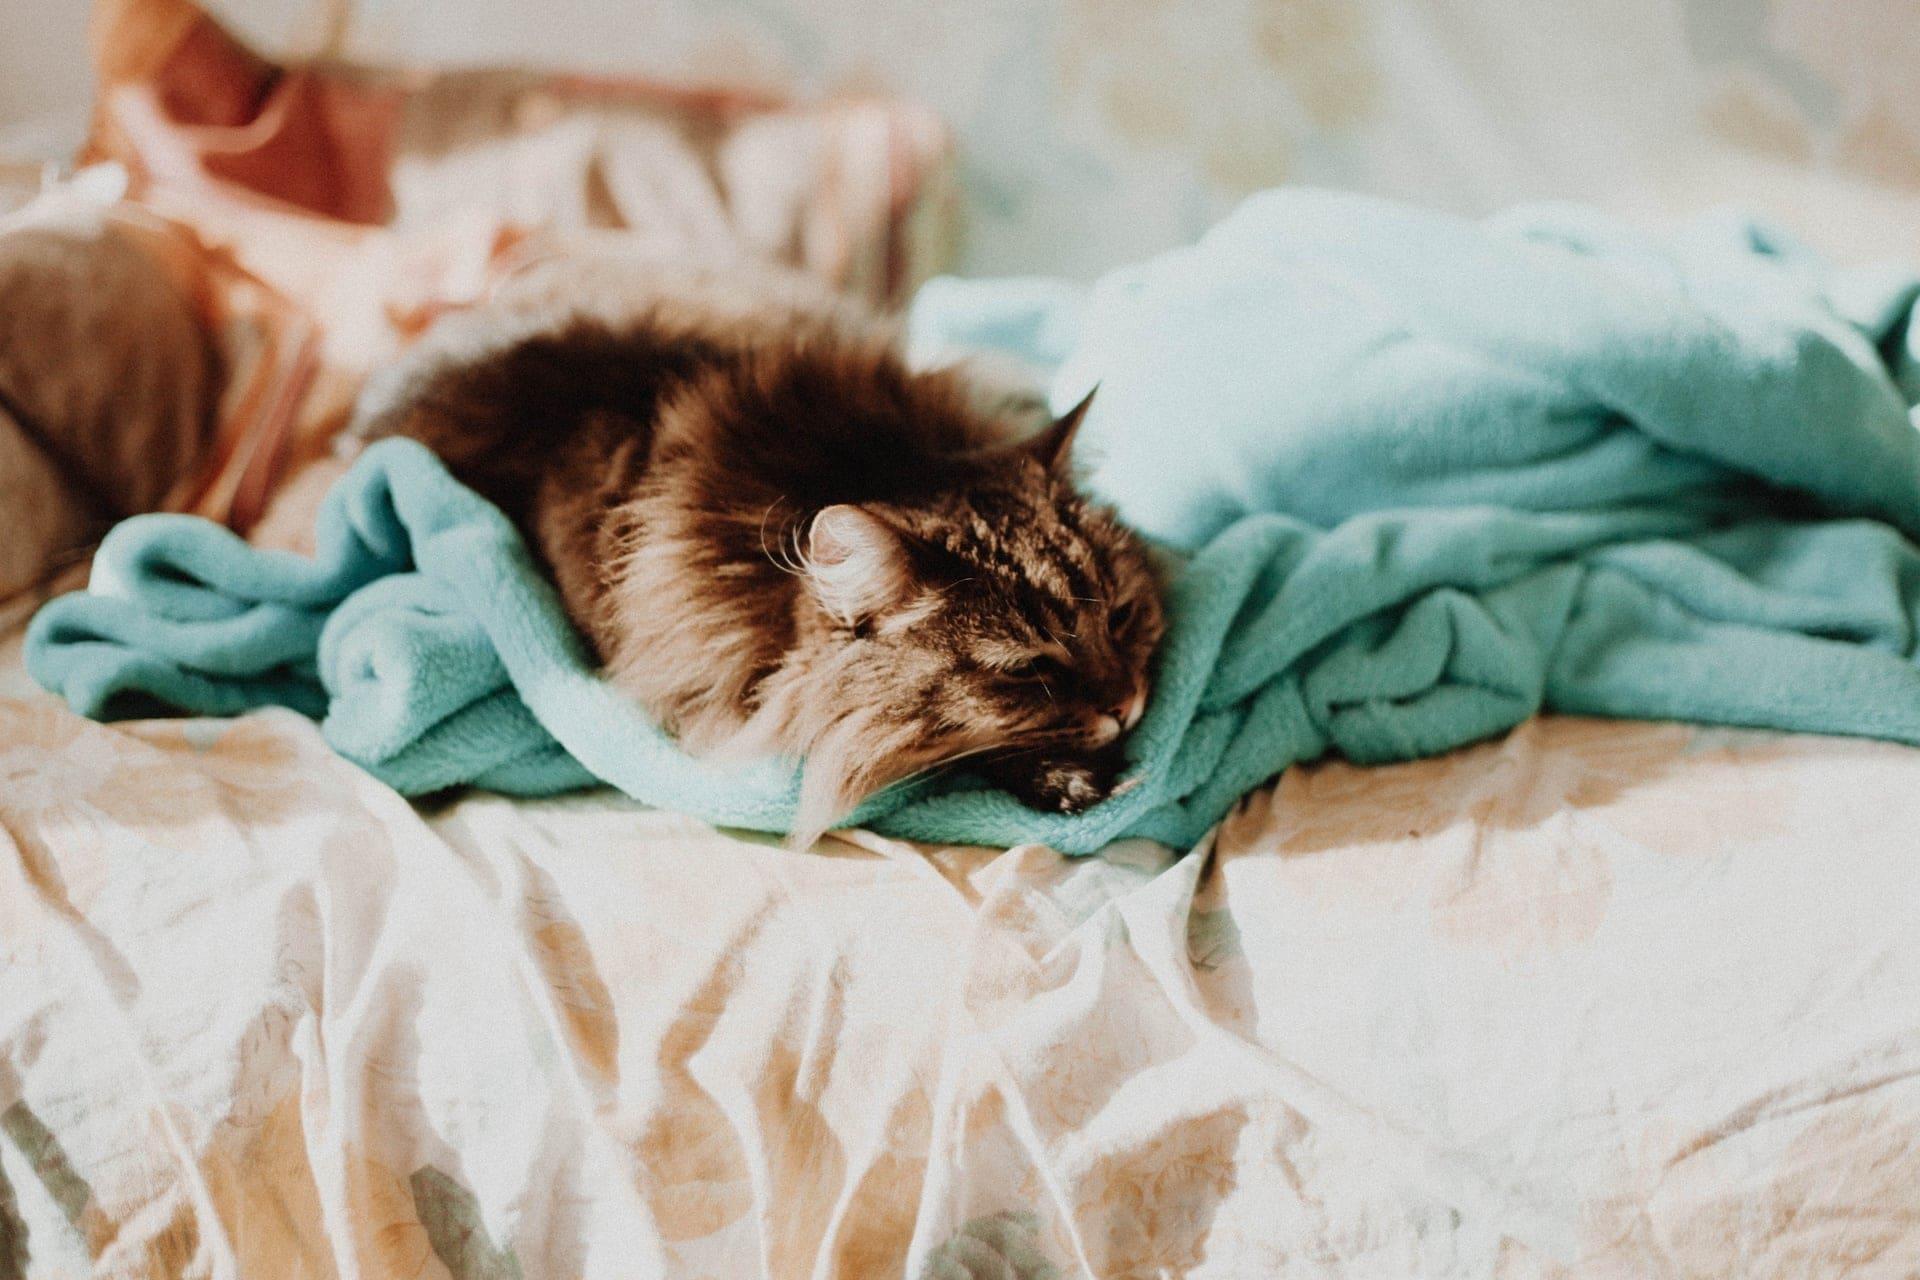 bijslapen bruiloft bed poes kat huwelijksreis